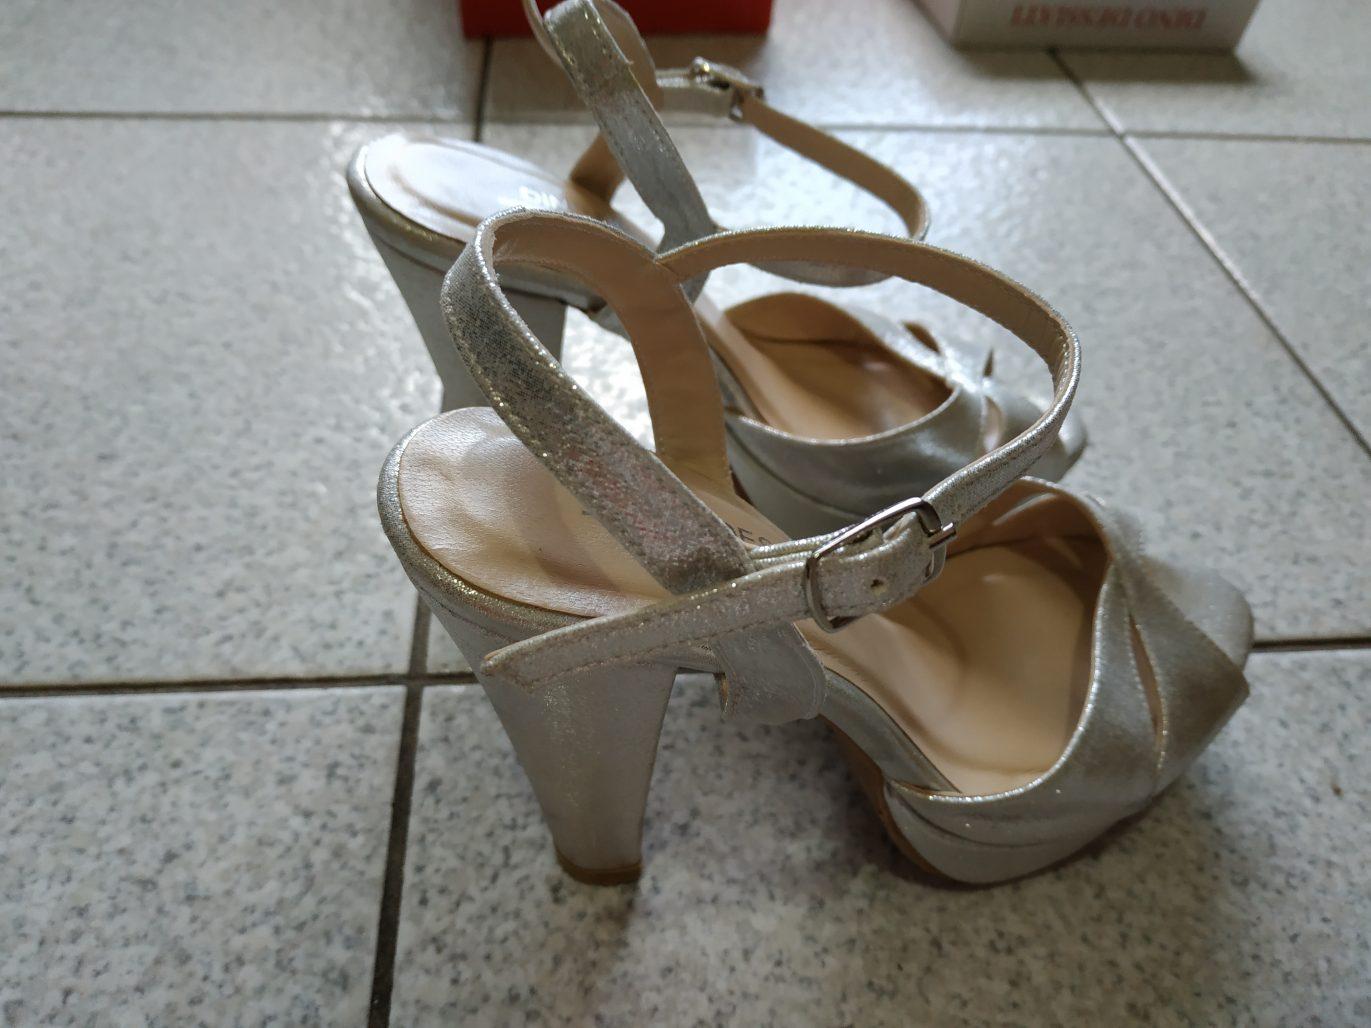 תמונות נוספות של נעלי ערב מהממות